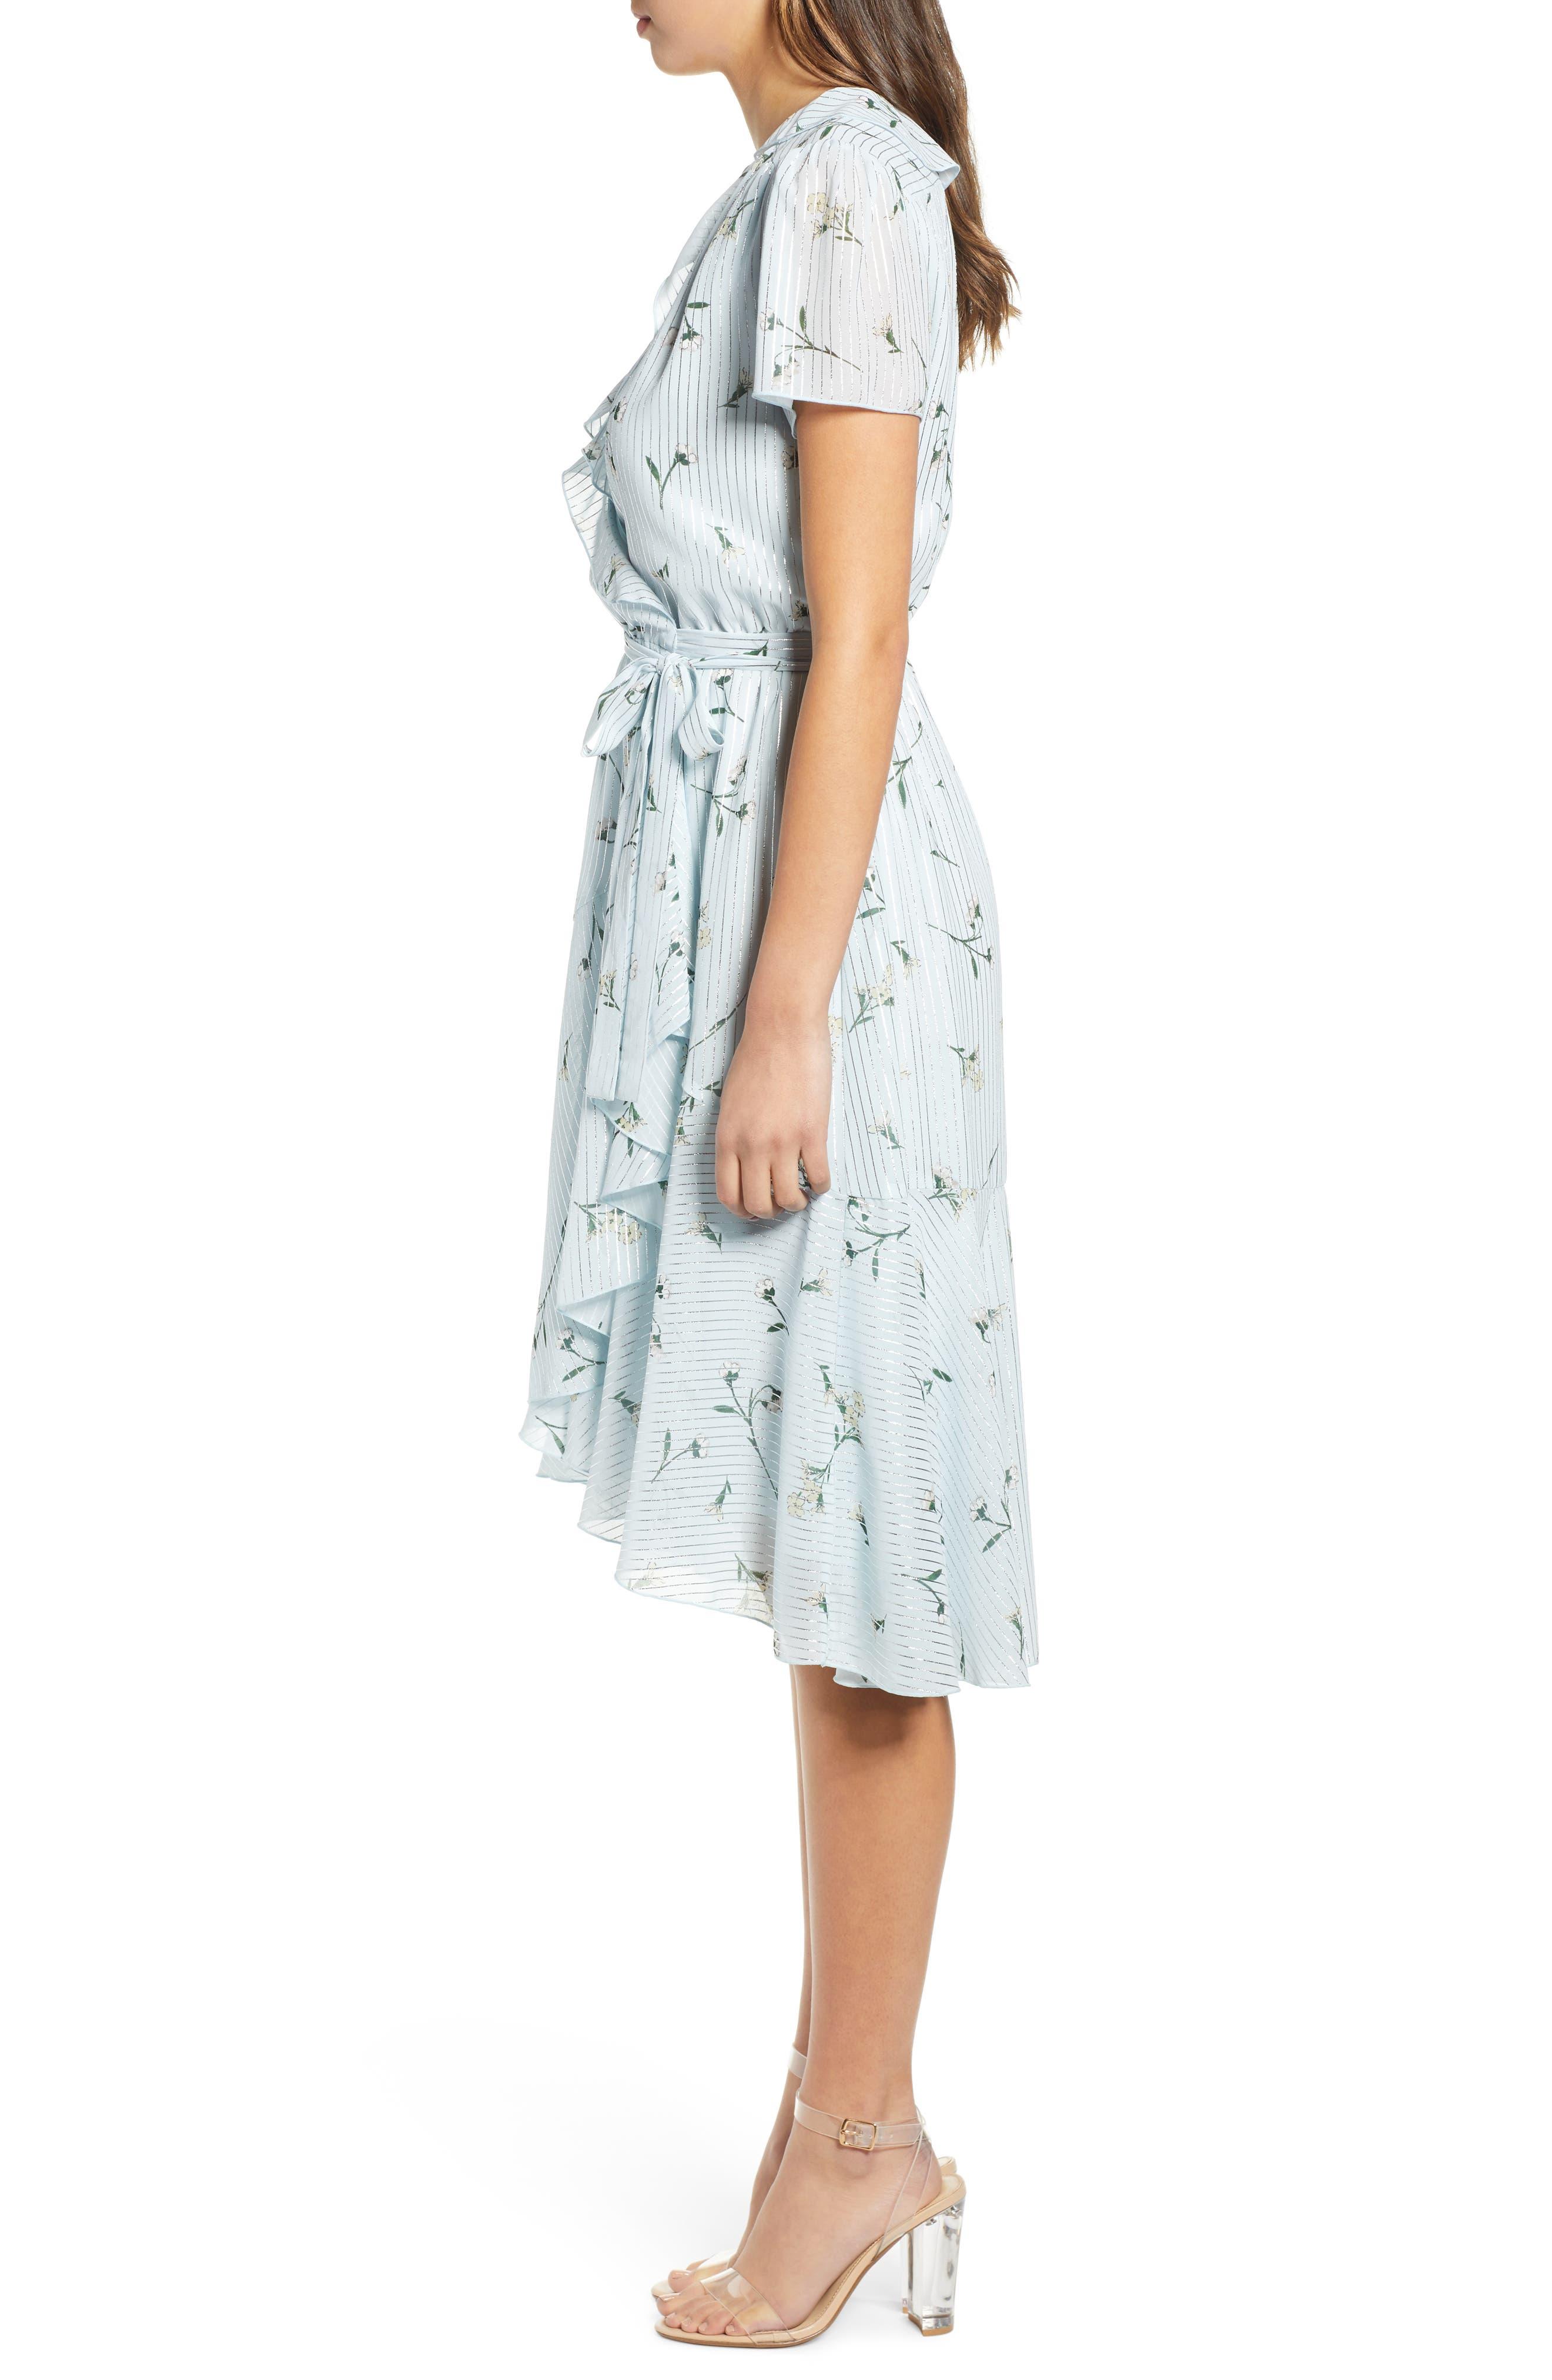 Sutton Wrap Dress,                             Alternate thumbnail 3, color,                             SKY BLUE FLORAL